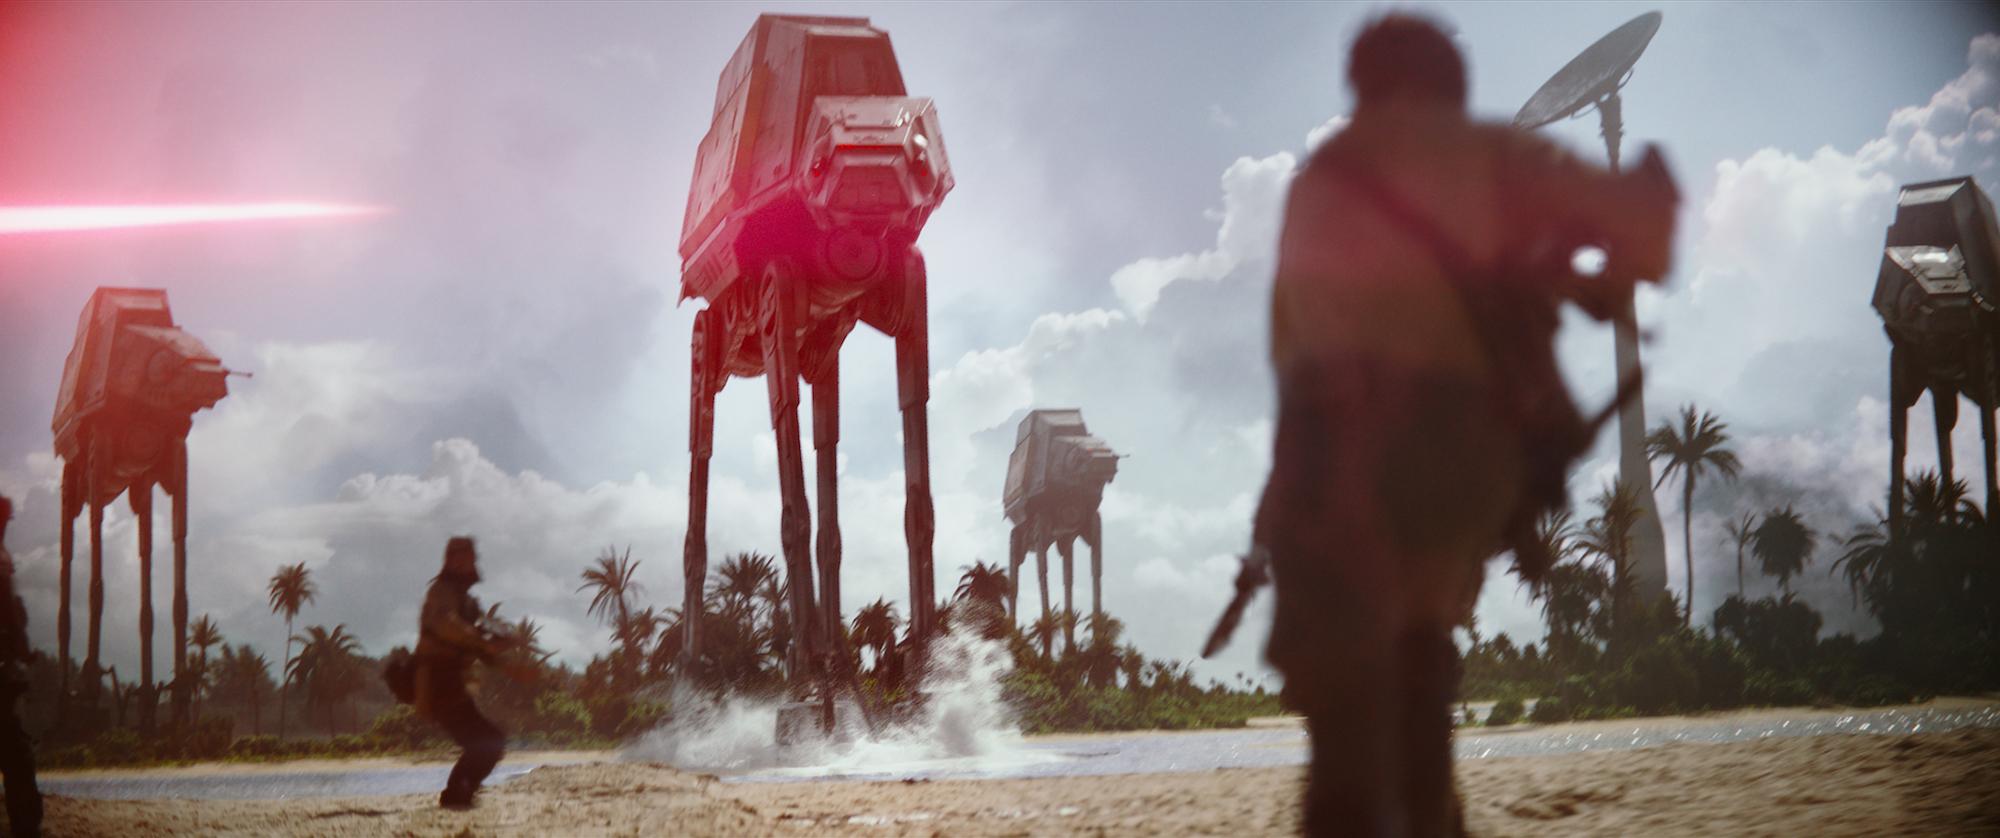 Opprørerne må kjempe hardt mot Imperiets gedigne robotkrigere.